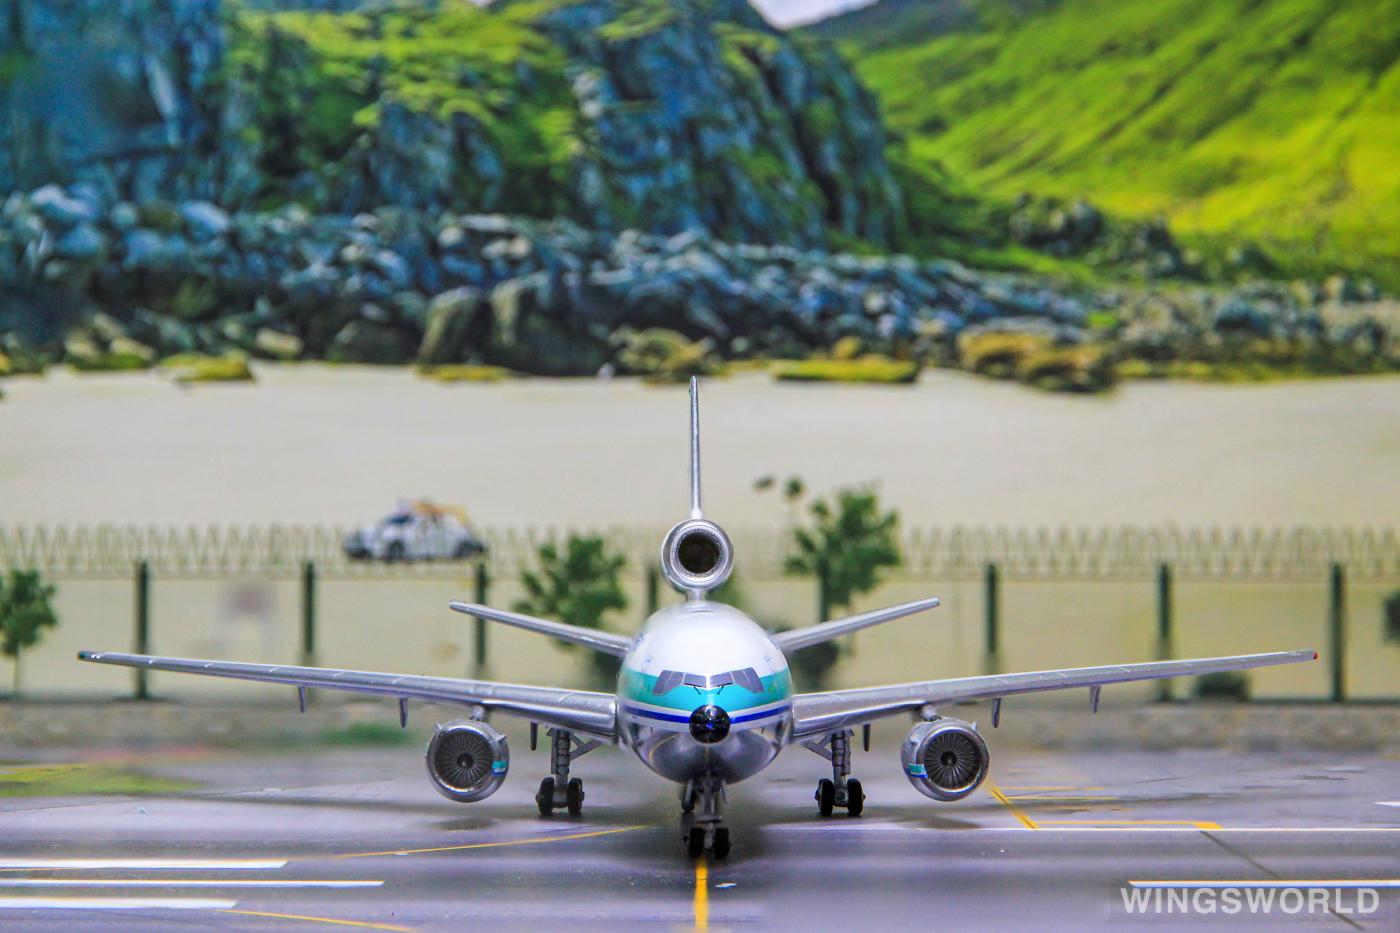 AeroClassics 1:400 ACZKNZM Air New Zealand 新西兰航空 McDonnell Douglas DC-10 ZK-NZM